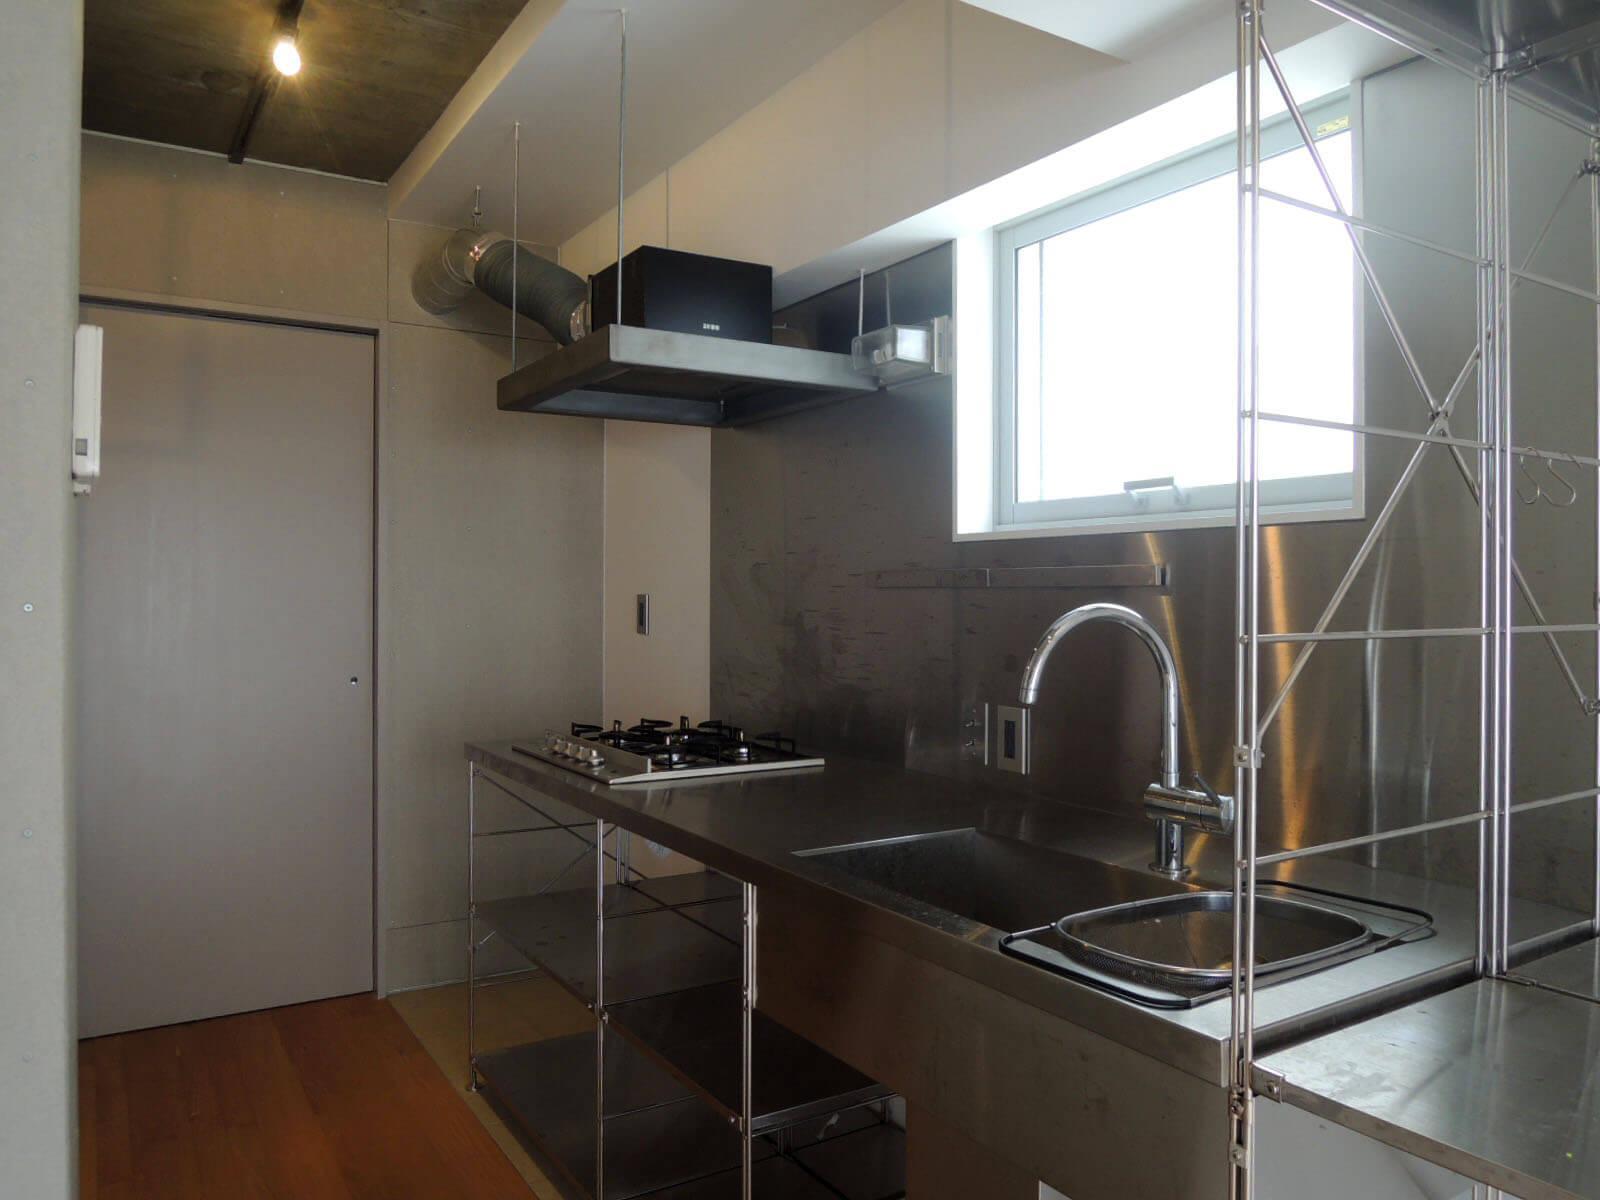 【家】キッチンはオープンな収納に、奥の引戸を開けるとバス洗面